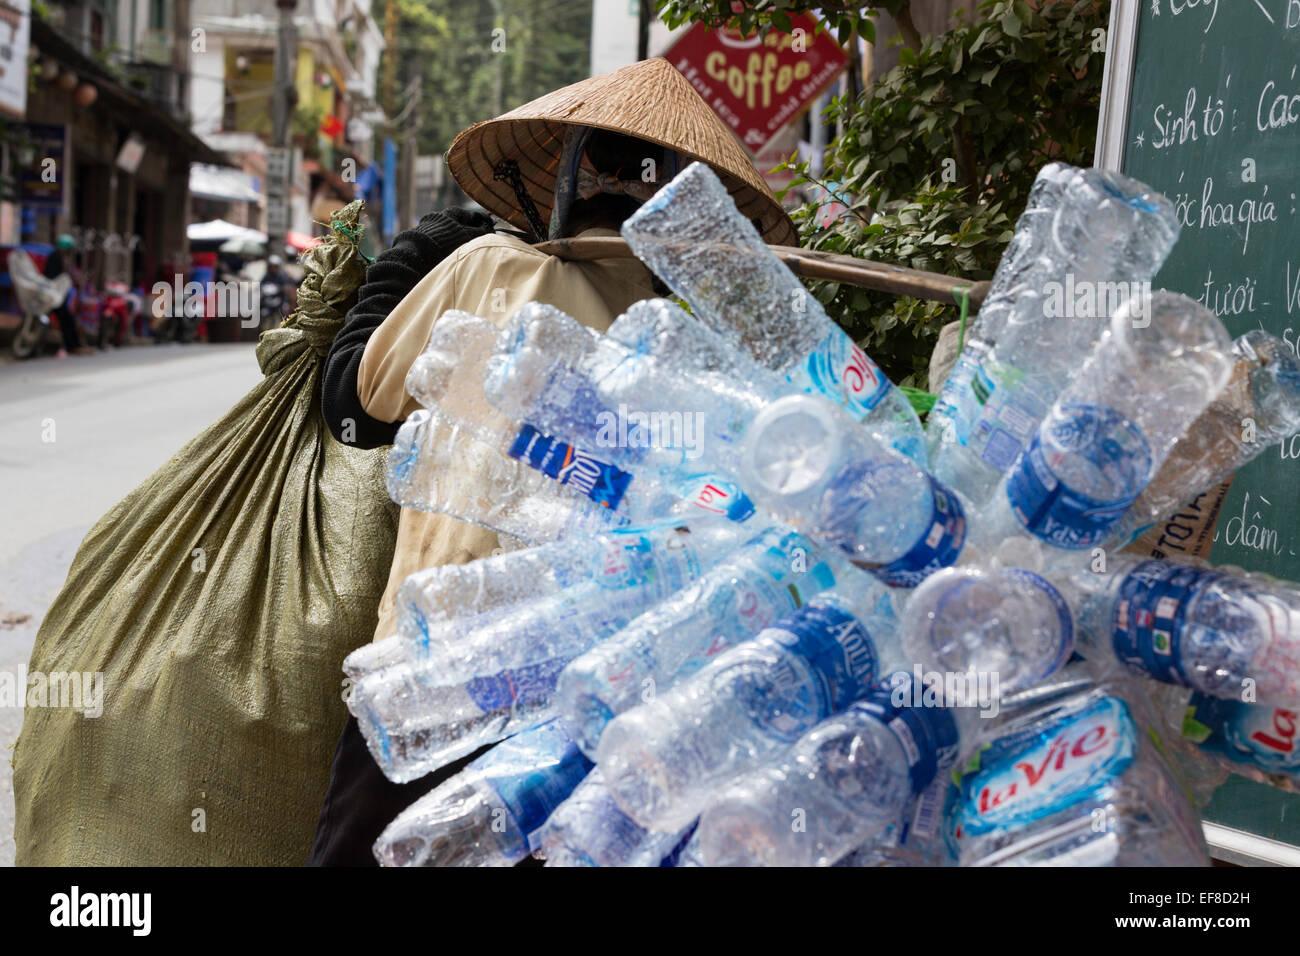 La donna che porta le bottiglie di plastica raccolti per il riciclaggio, Cau può street, Sapa, nel Vietnam Immagini Stock